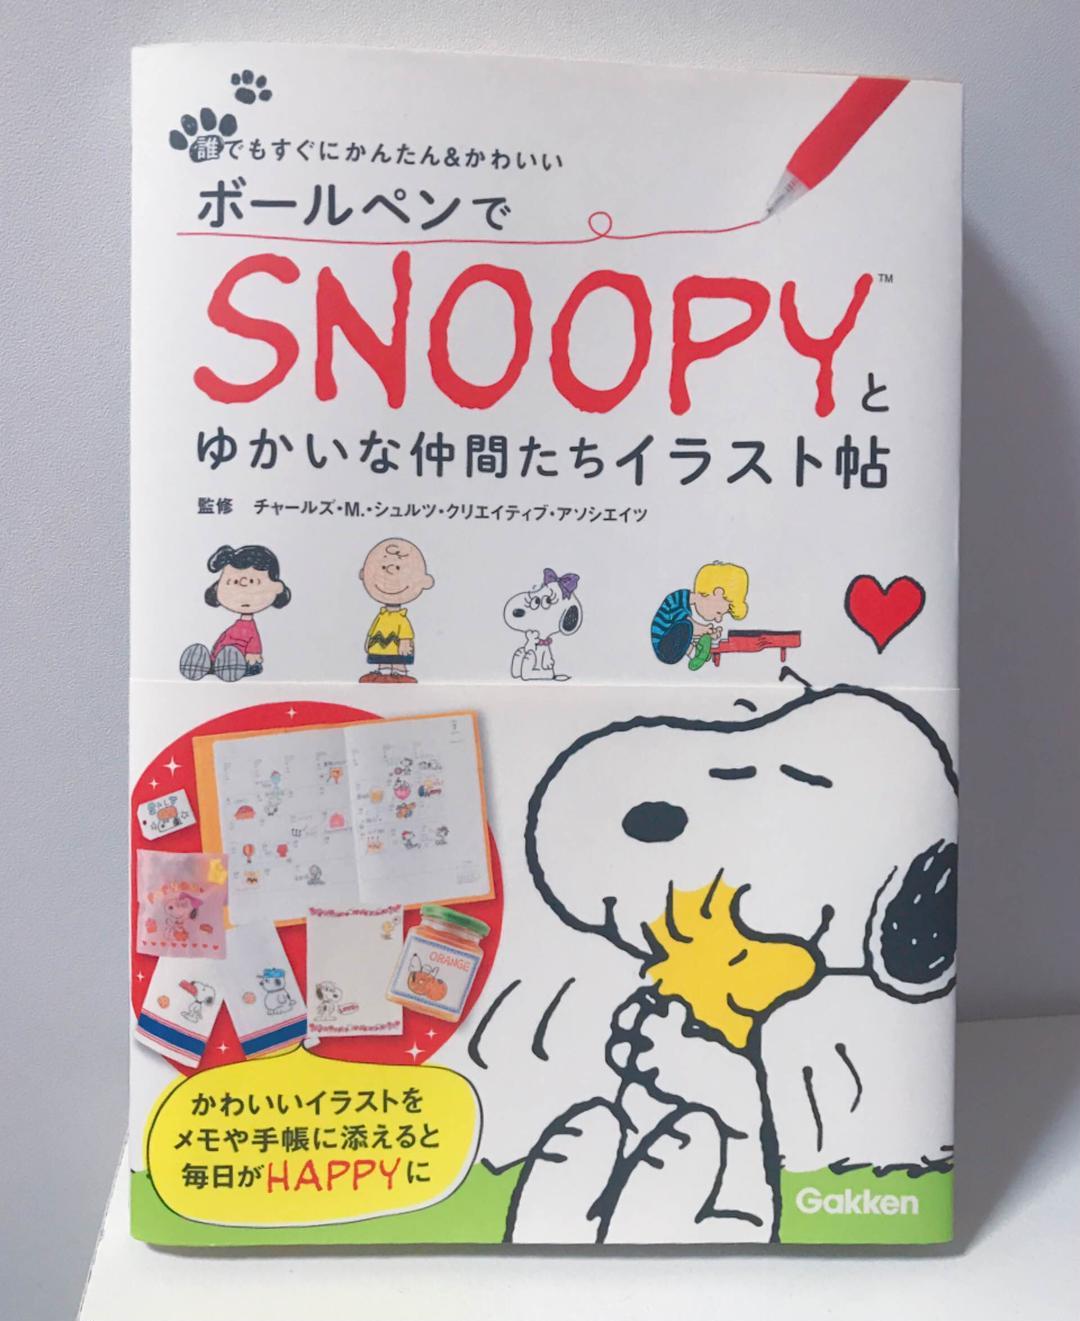 スヌーピー イラスト描き方(¥750) , メルカリ スマホでかんたん フリマアプリ